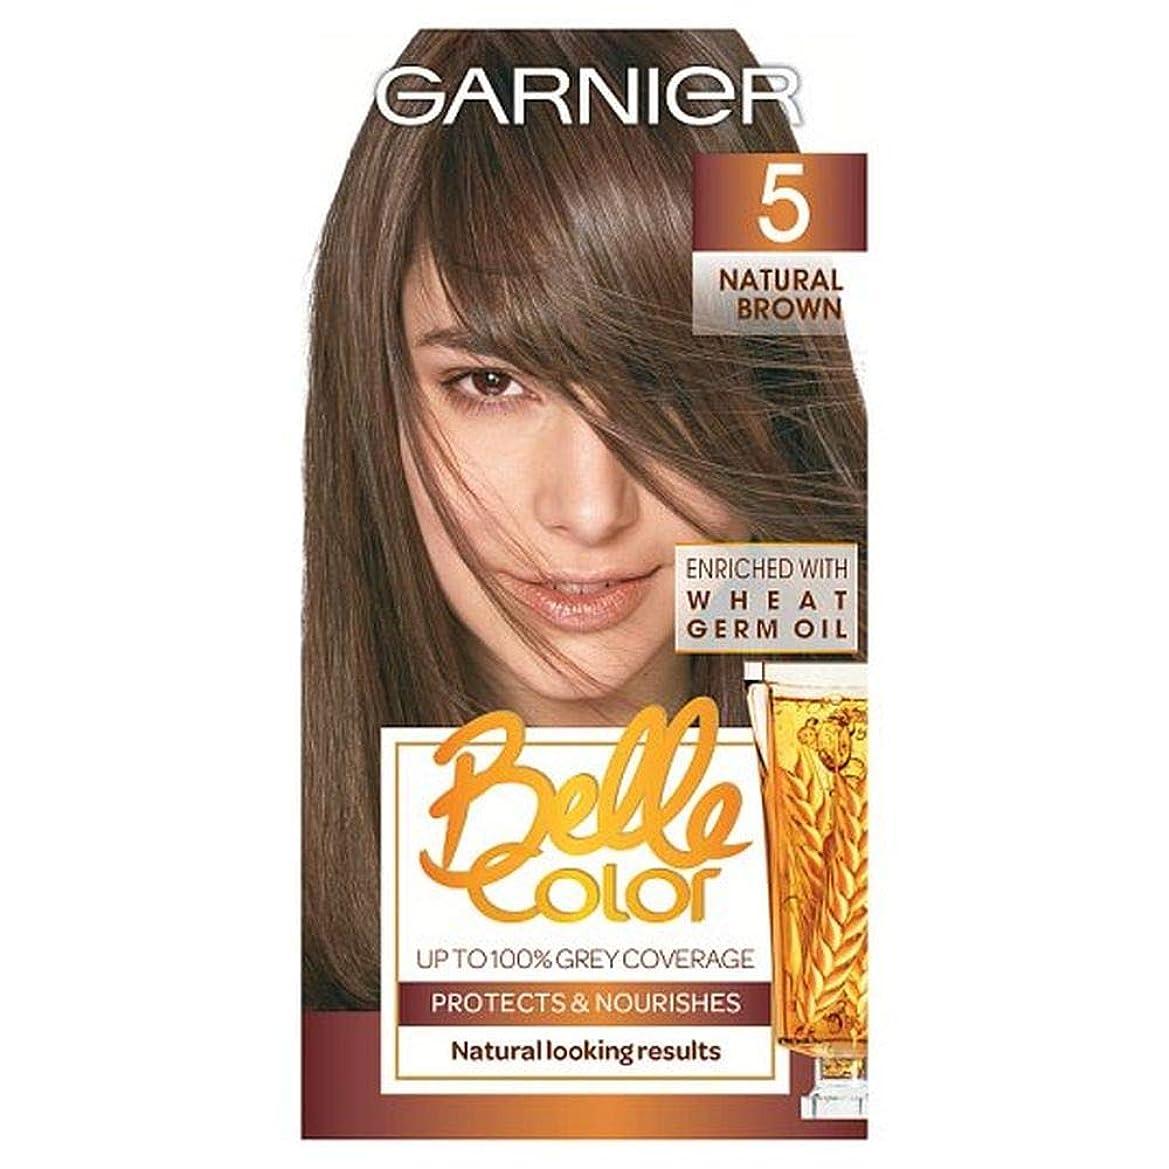 セメント過度にポケット[Belle Color ] ガーン/ベル/Clr 5ナチュラルブラウンの永久染毛剤 - Garn/Bel/Clr 5 Natural Brown Permanent Hair Dye [並行輸入品]